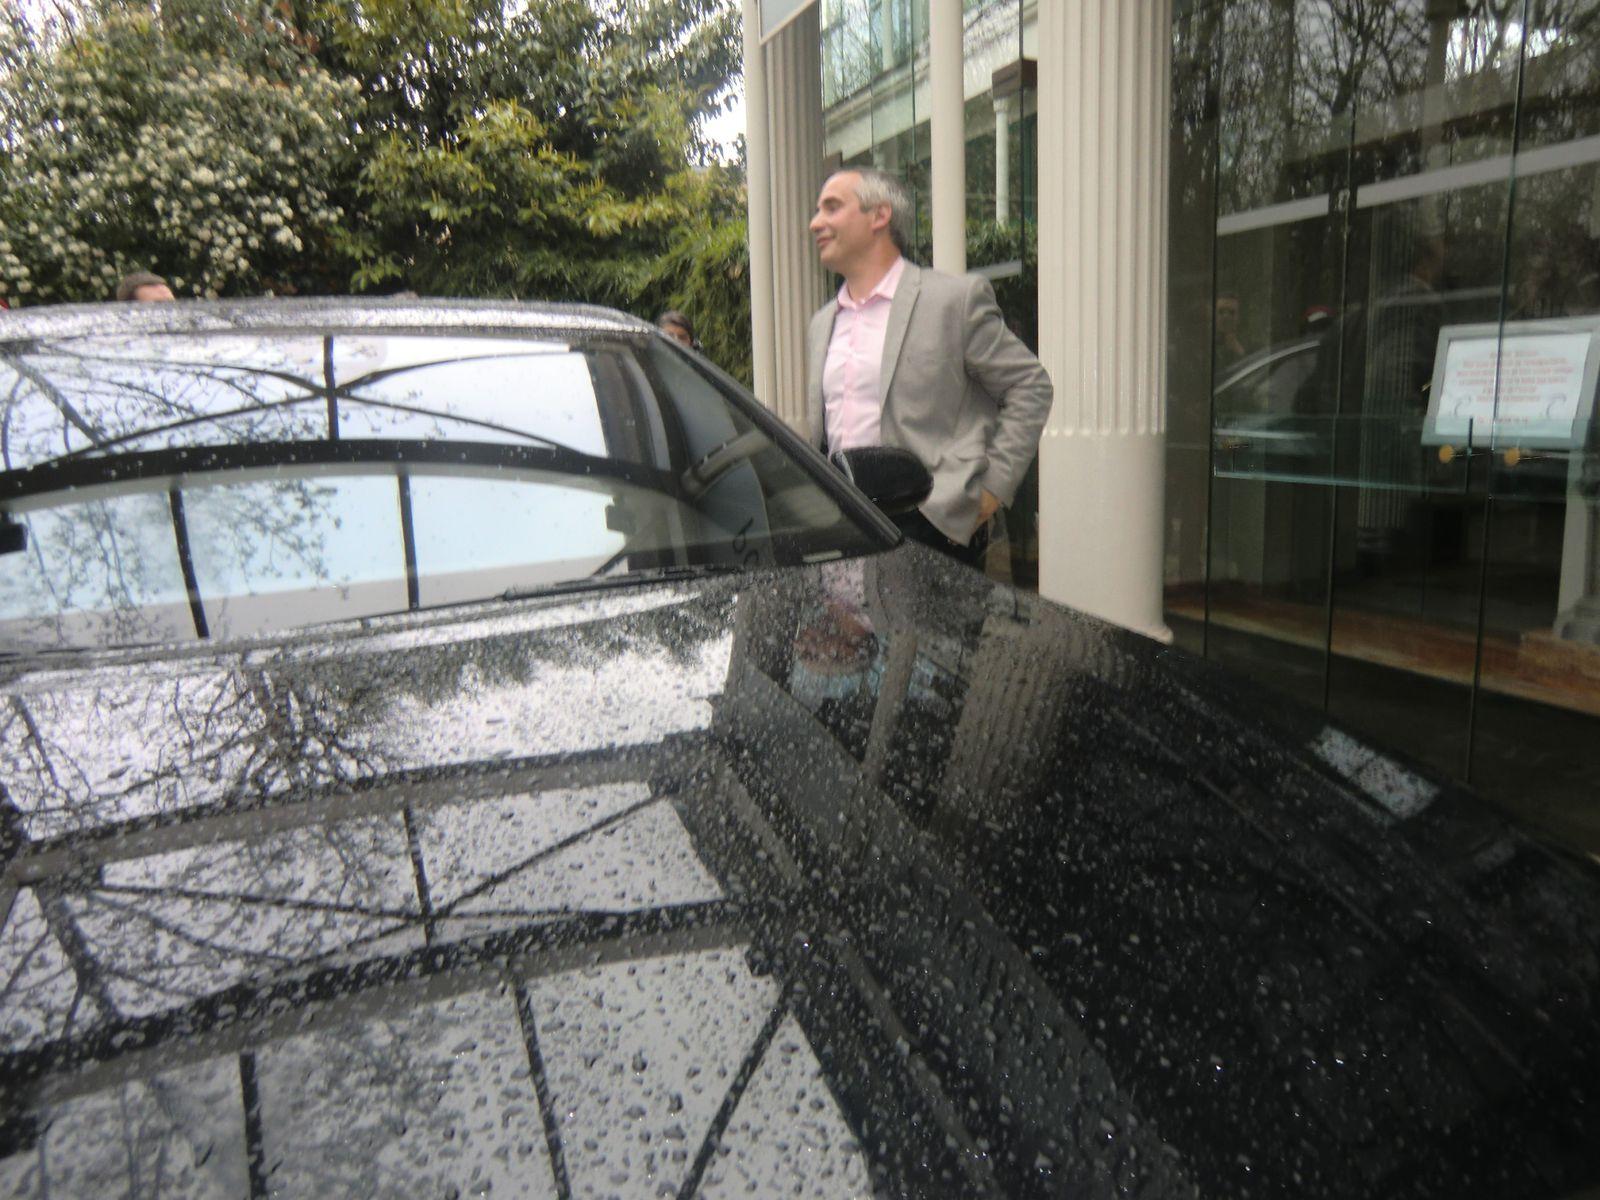 Le chauffeur de Jean-Paul Belmondo a avancé la voiture devant le Pavillon Gabriel; la sortie de Jean-Paul est imminente.